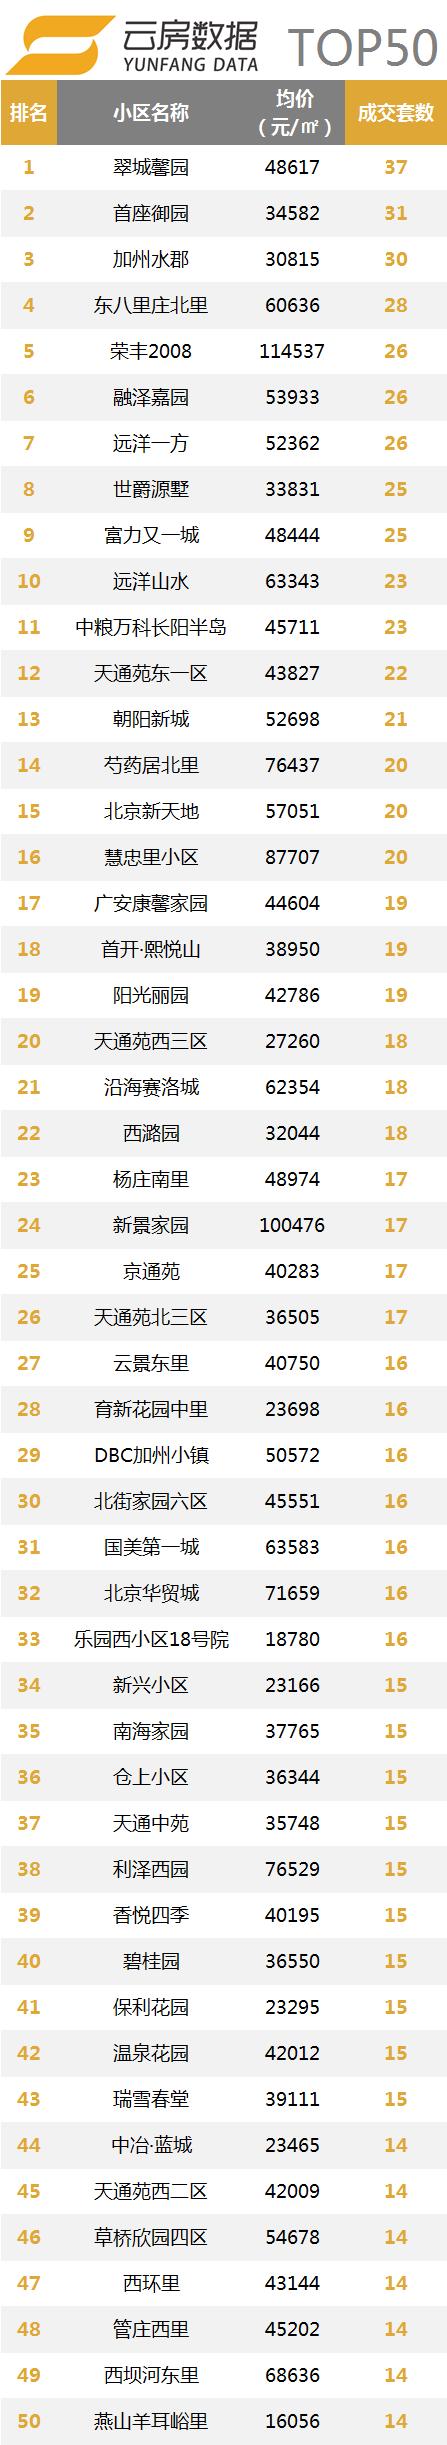 片区top50.png